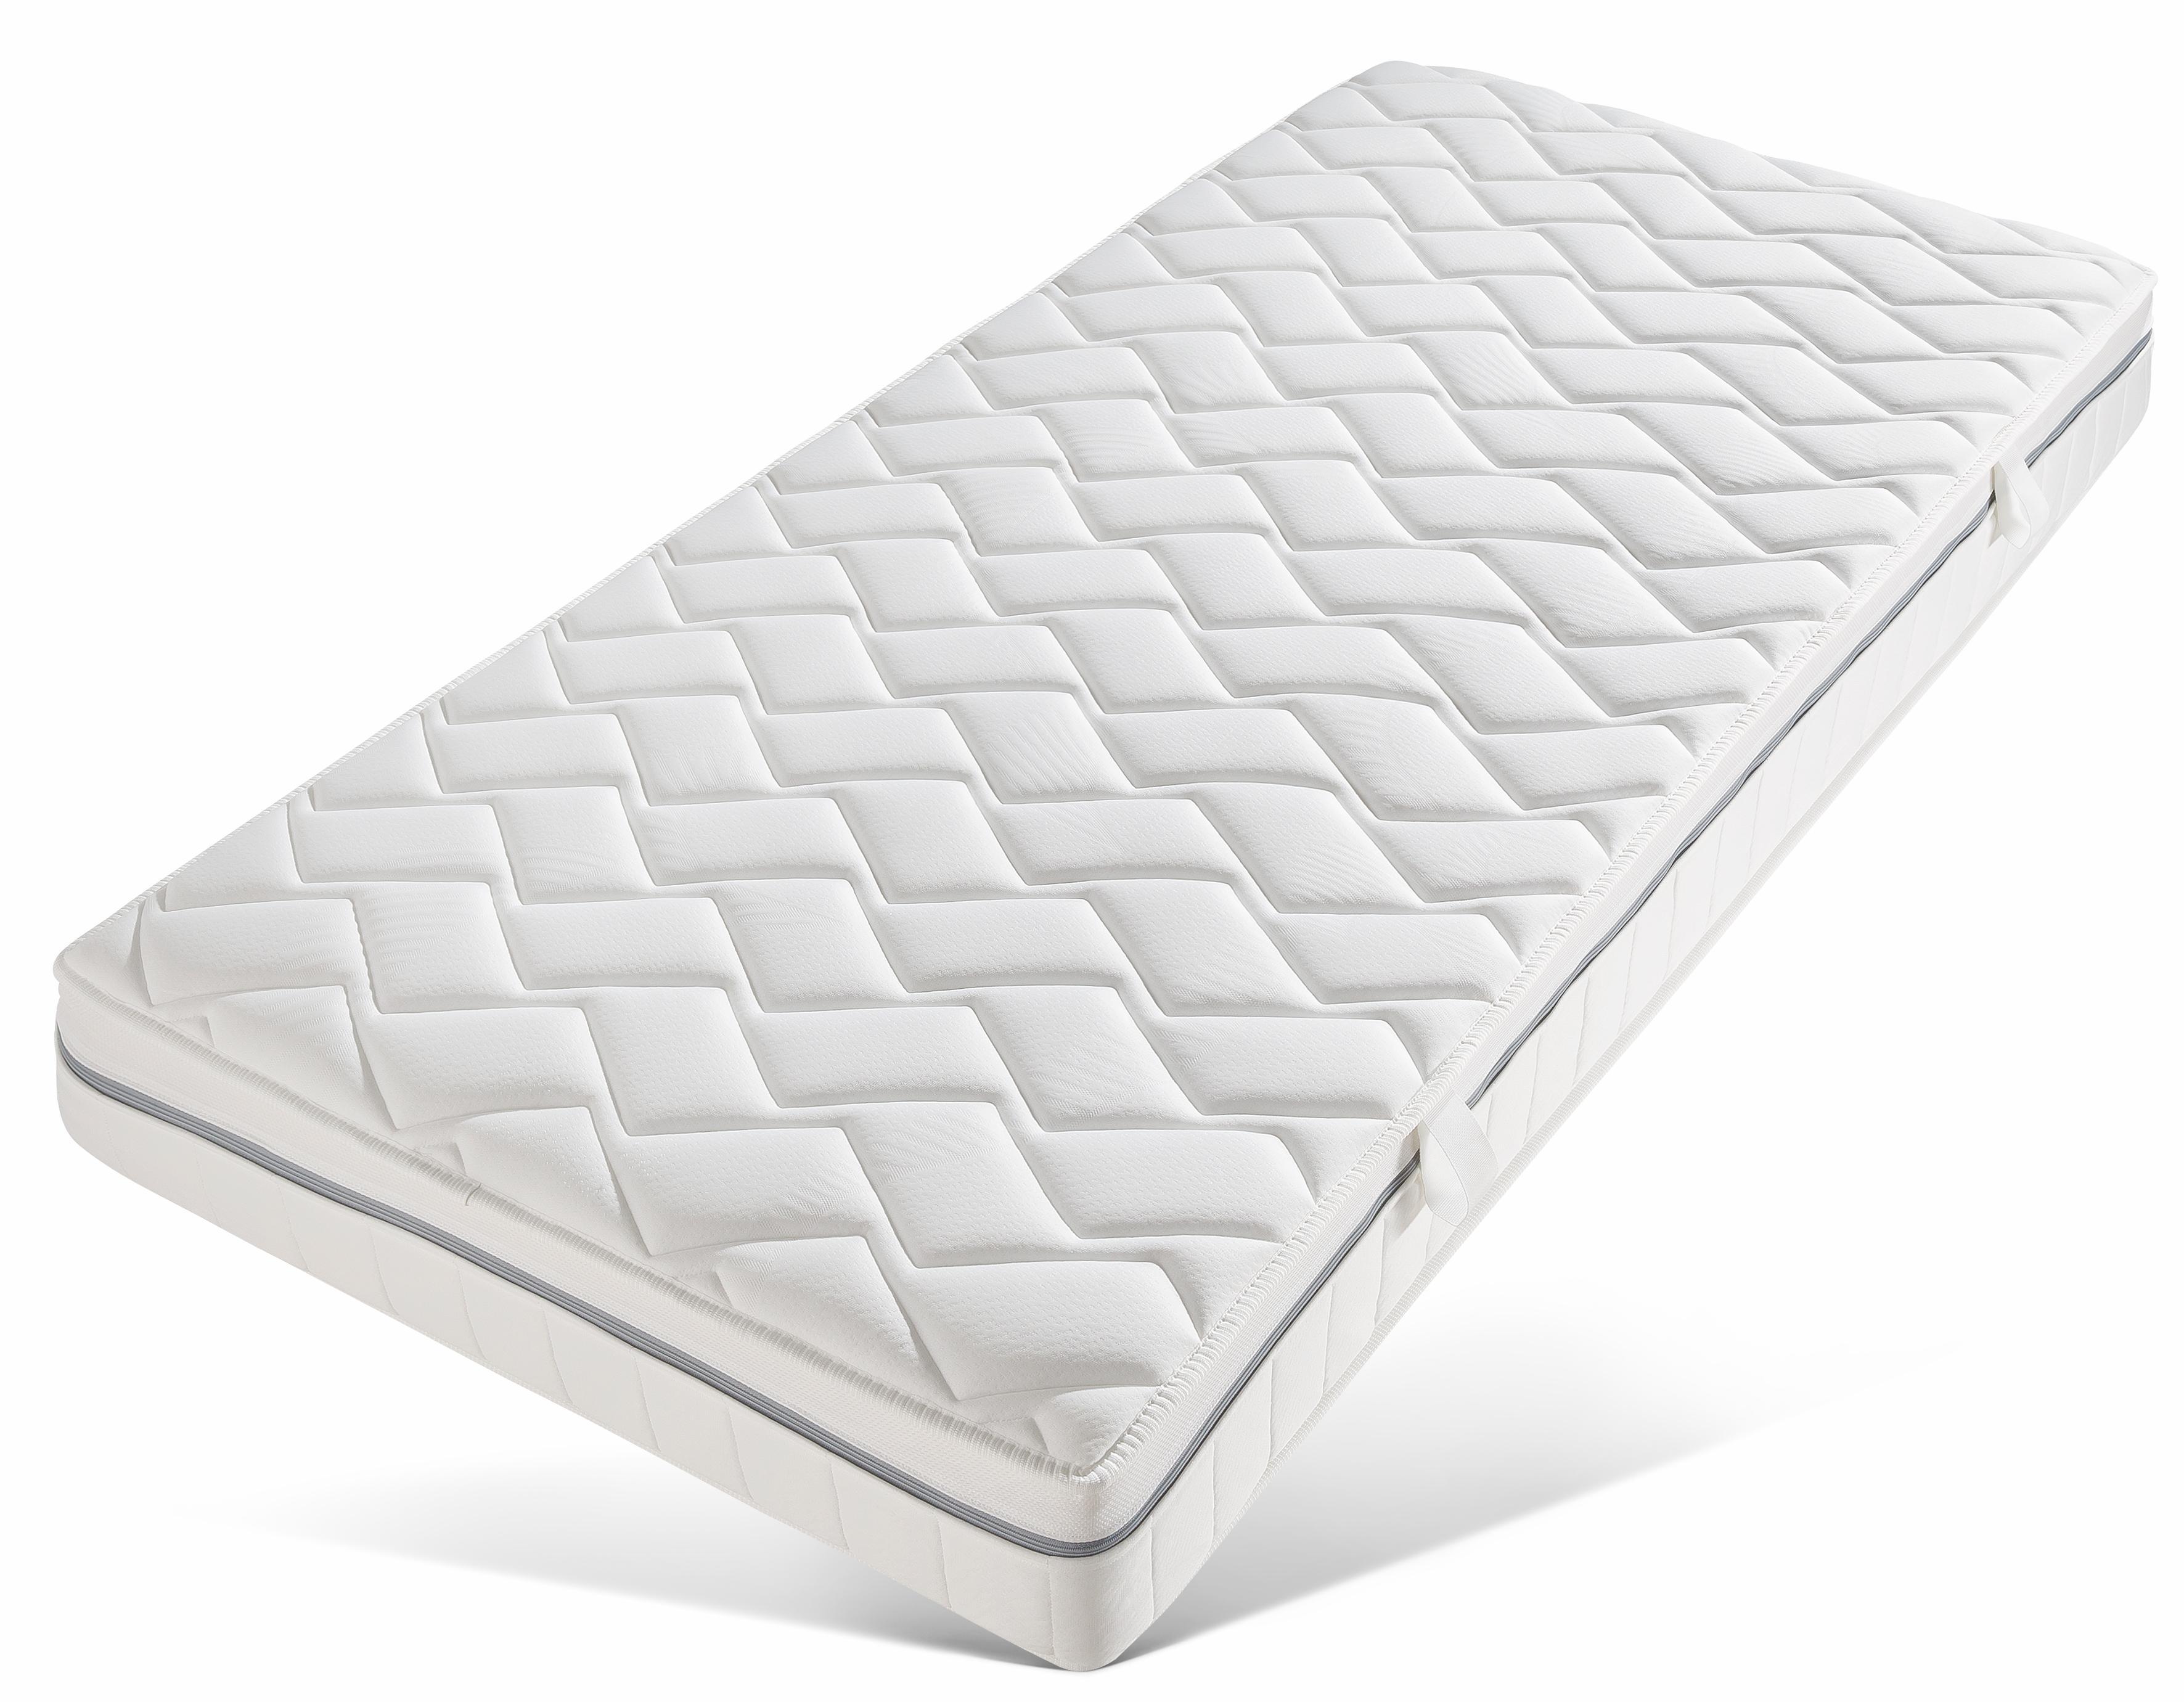 Komfortschaummatratze Airy Form 23 mit Klimaband DI QUATTRO 23 cm hoch